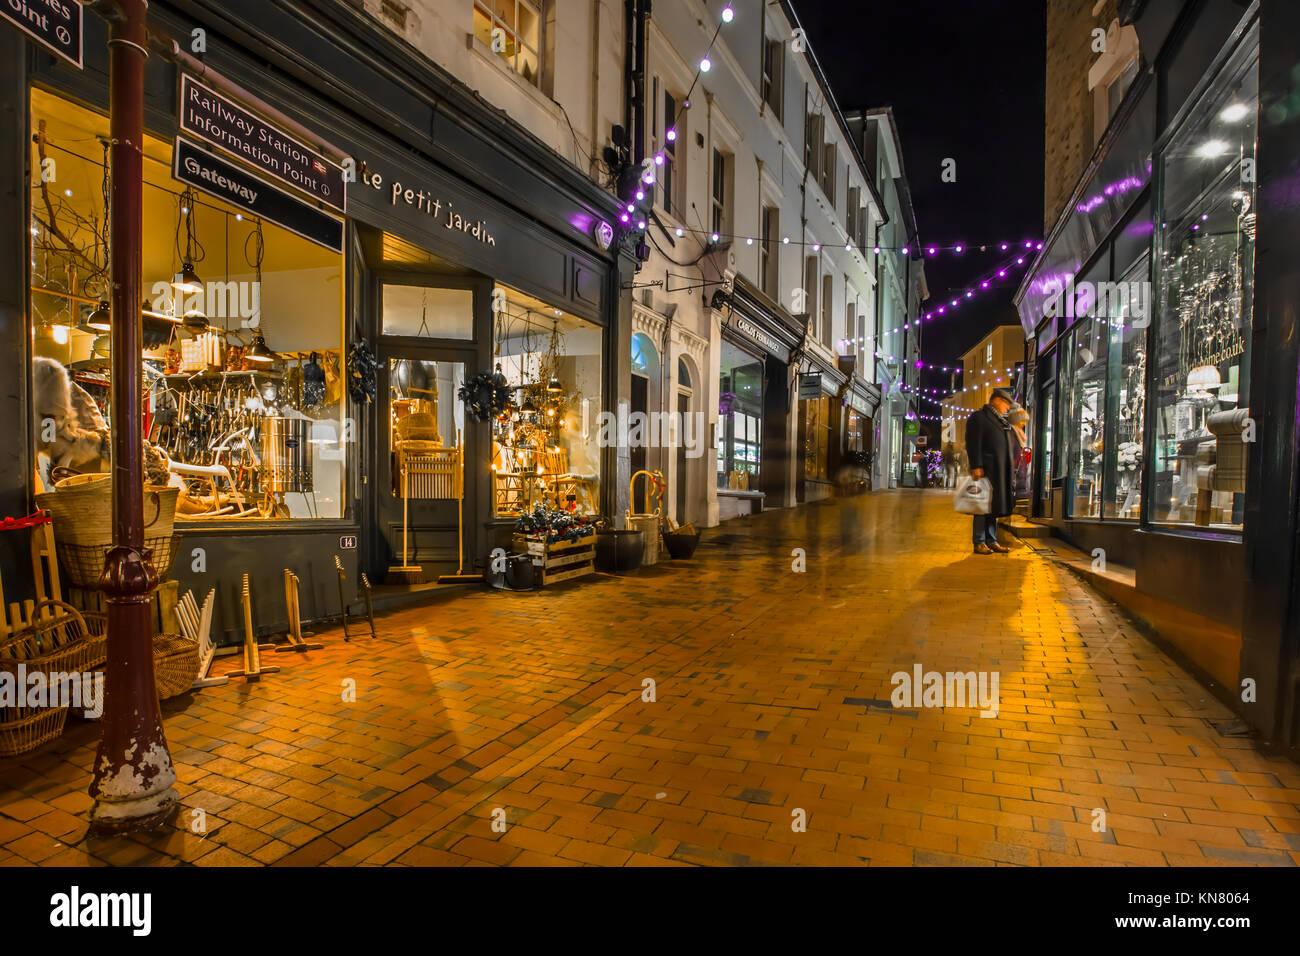 Kapelle Place Royal Tunbridge Wells malerische Fußgängerzone mit unabhängigen kunsthandwerksläden Stockbild